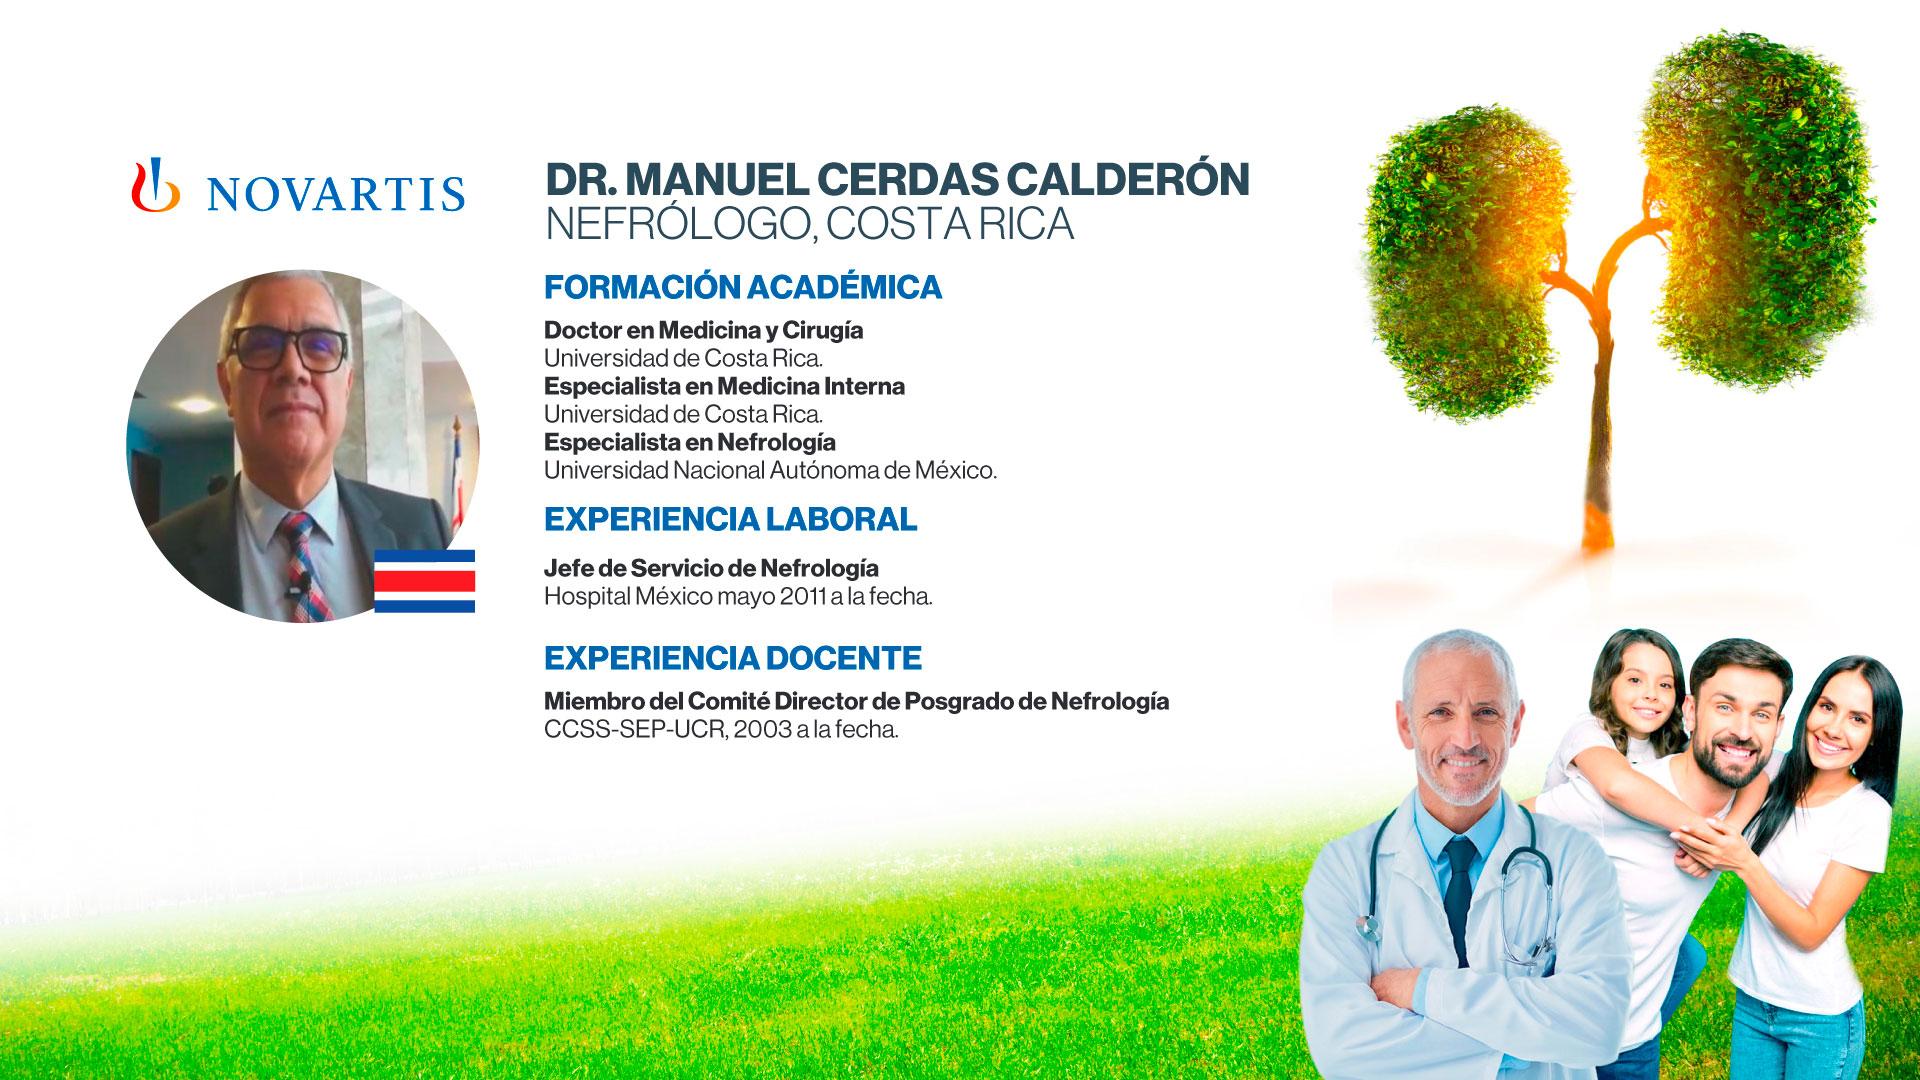 Dr. Manuel Cerdas Calderón